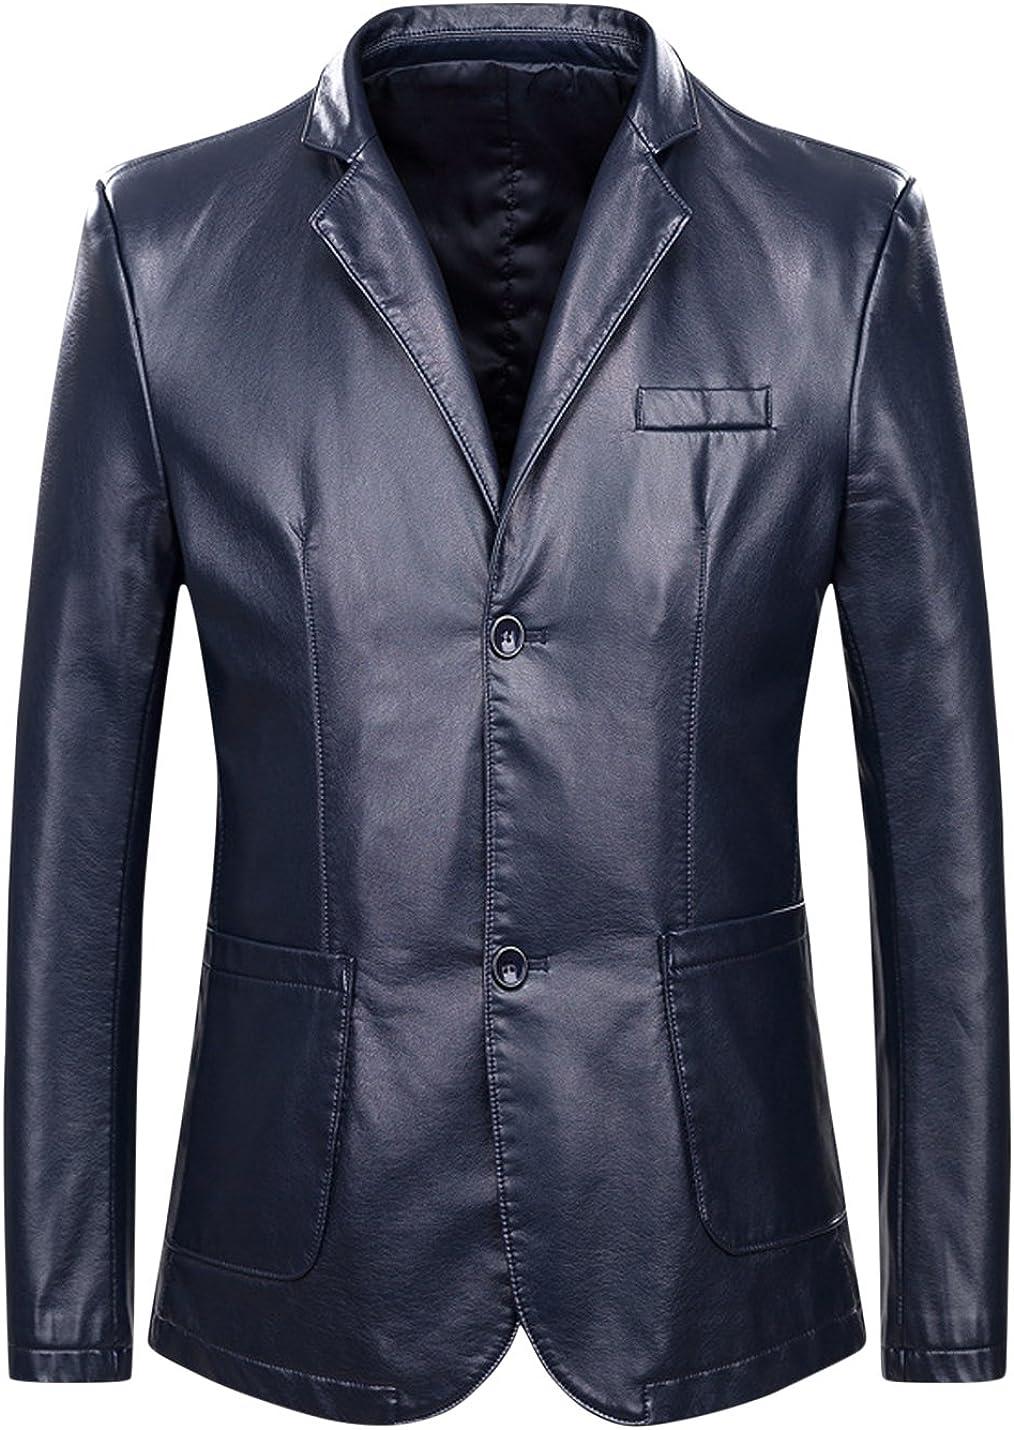 Springrain Men's Slim Lapel Buttons Up Business Outerwear PU Faux Leather Jackets